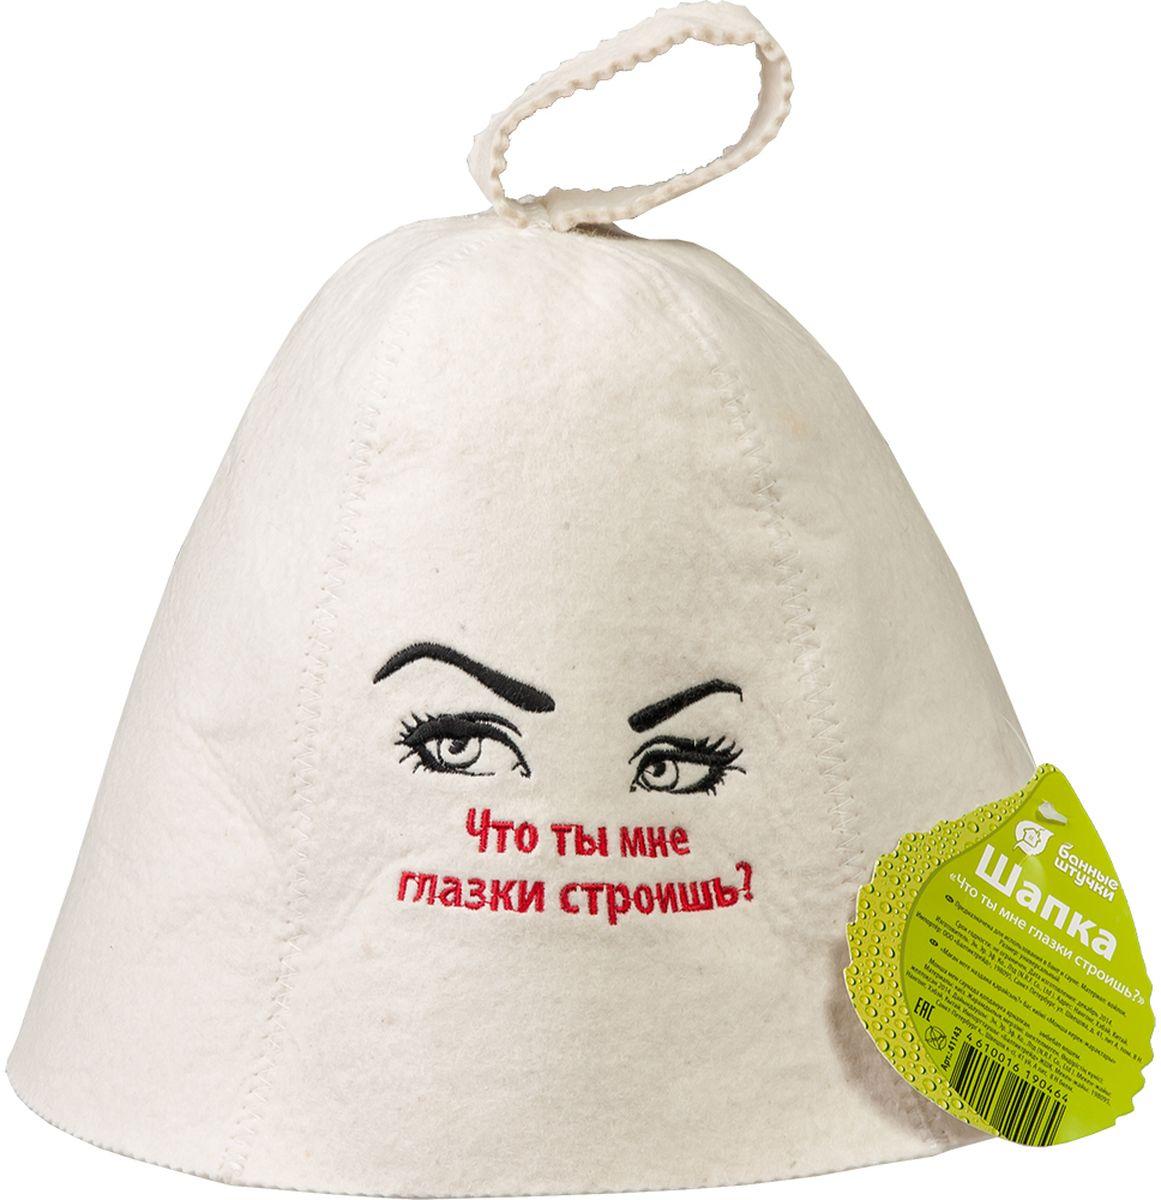 Шапка для бани и сауны Банные штучки Что ты мне глазки строишь?41143Банная шапка Банные штучки изготовлена из войлока. Банная шапка - это незаменимый аксессуар для любителей попариться в русской бане и для тех, кто предпочитает сухой жар финской бани. Кроме того, шапка защитит волосы от сухости и ломкости, и предотвратит тепловой удар. На шапке имеется петелька, с помощью которой ее можно повесить на крючок в предбаннике. Такая шапка станет отличным подарком длялюбителей отдыха в бане или сауне.Размер: универсальный.